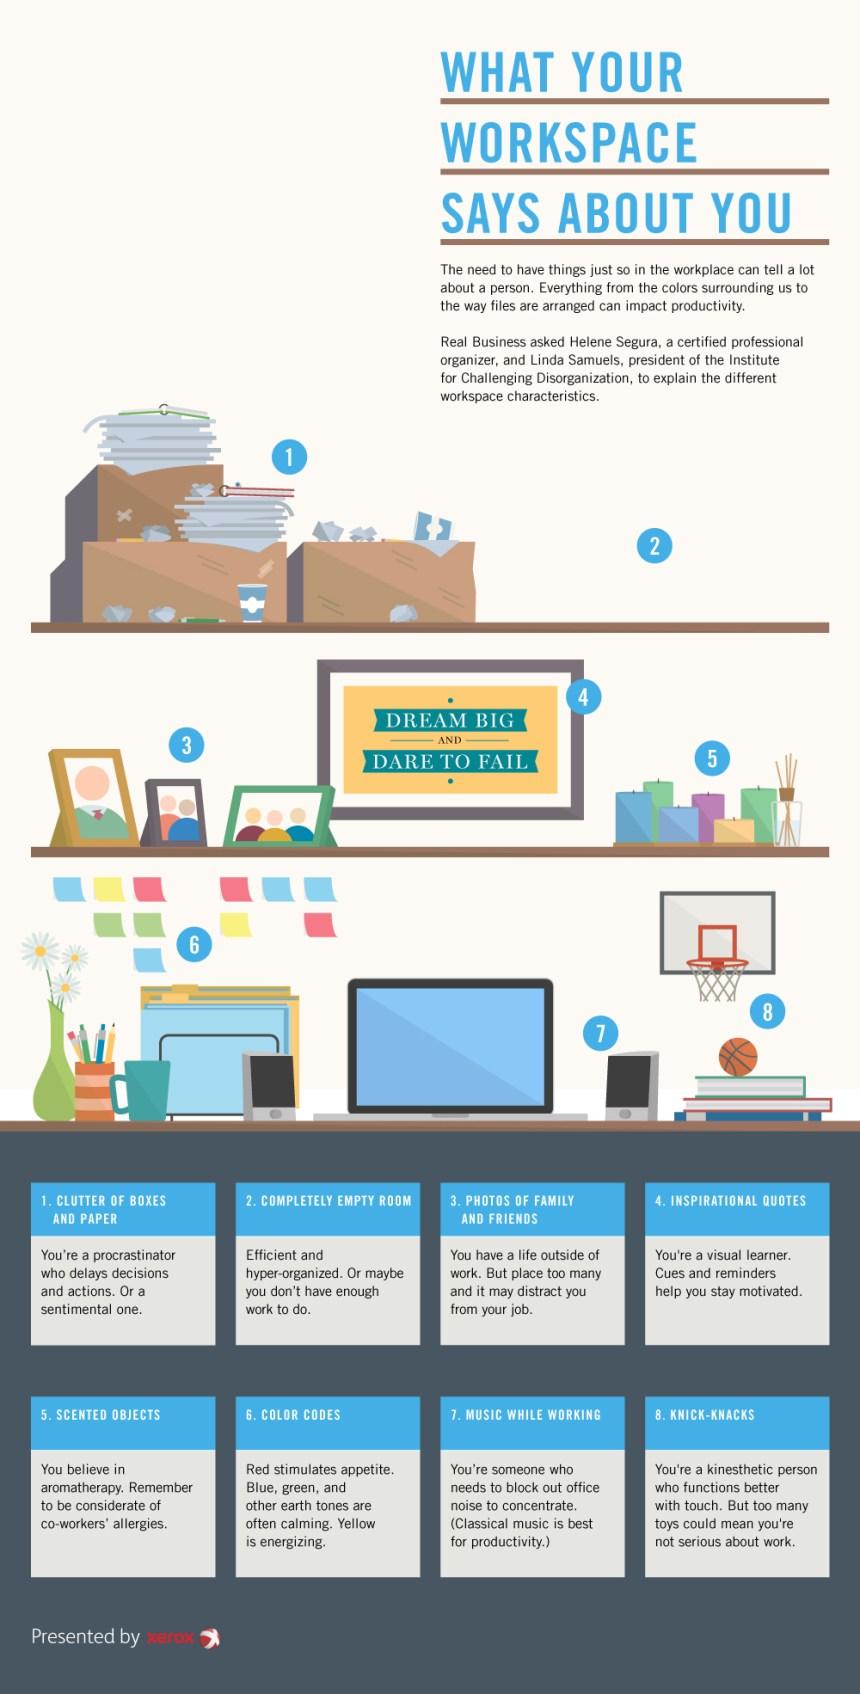 Lo que tu espacio de trabajo dice de ti